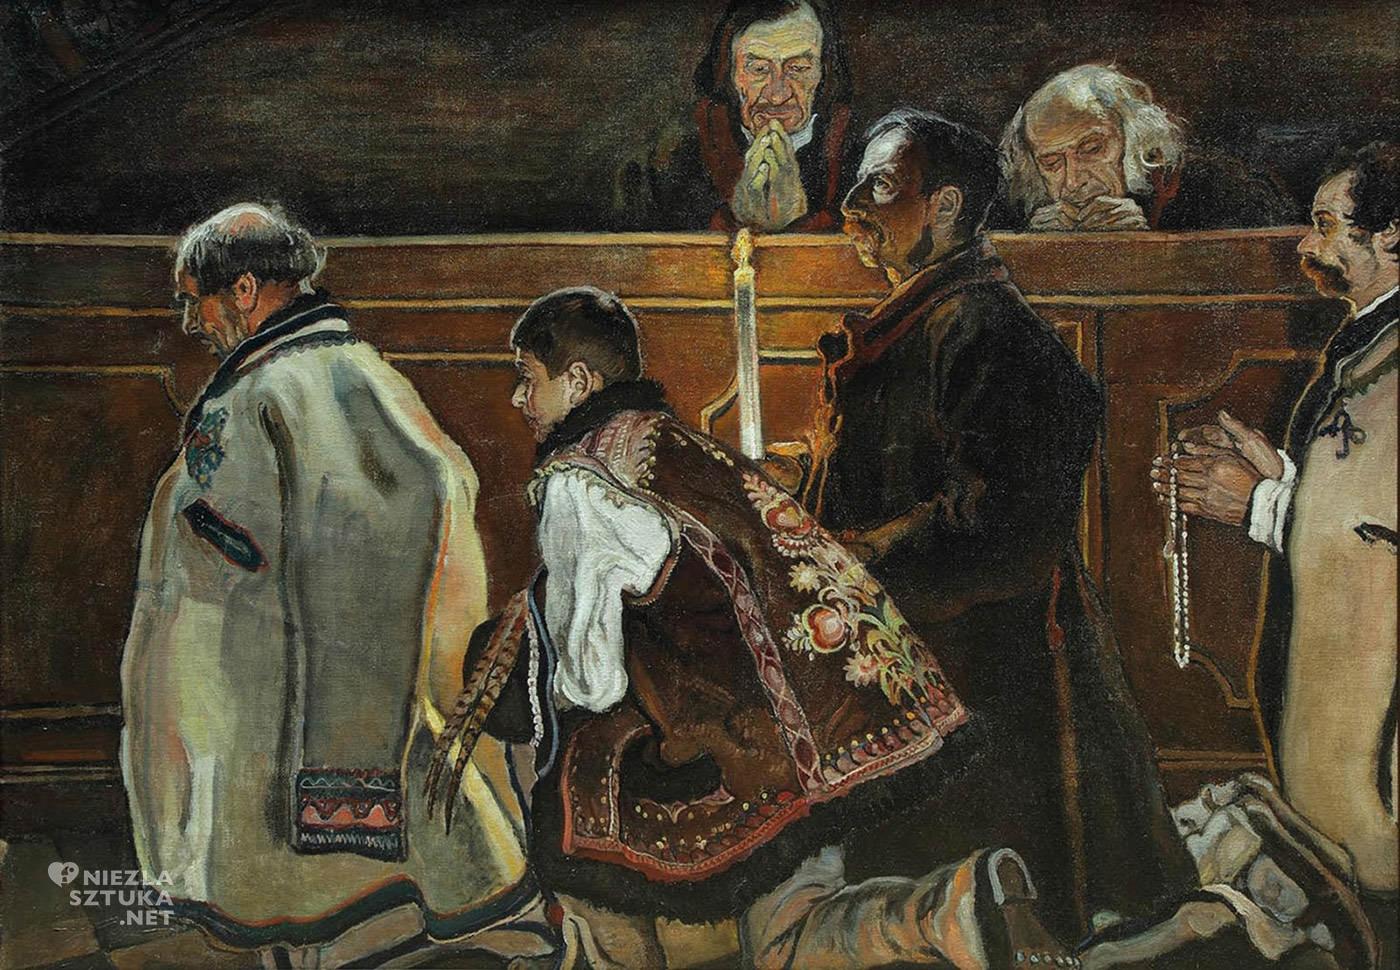 Władysław Jarocki, Modlący się mężczyźni, górale, kościół w Poroninie, malarstwo polskie, sztuka polska, Niezła Sztuka